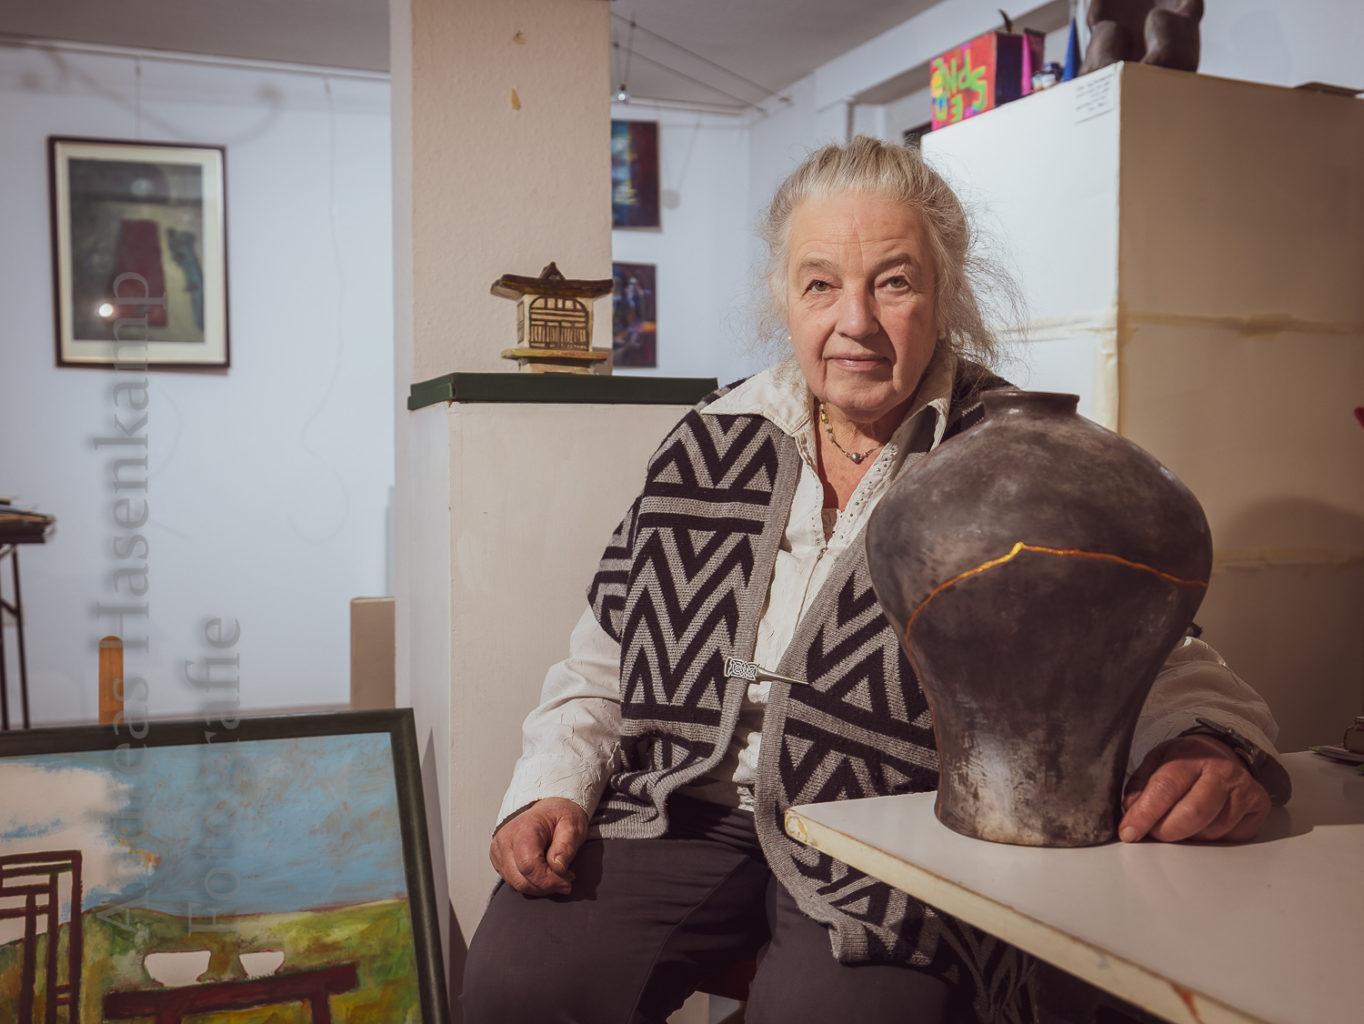 Kintsugi, Pagode, ein gemalter Traum – Angela Hoebinks Kunstschaffen spiegelt zugleich Begegnungen mit Menschen und Poesie - viele davon in ihrem Kreativzentrum _punkt_.. Foto: A. Hasenkamp.